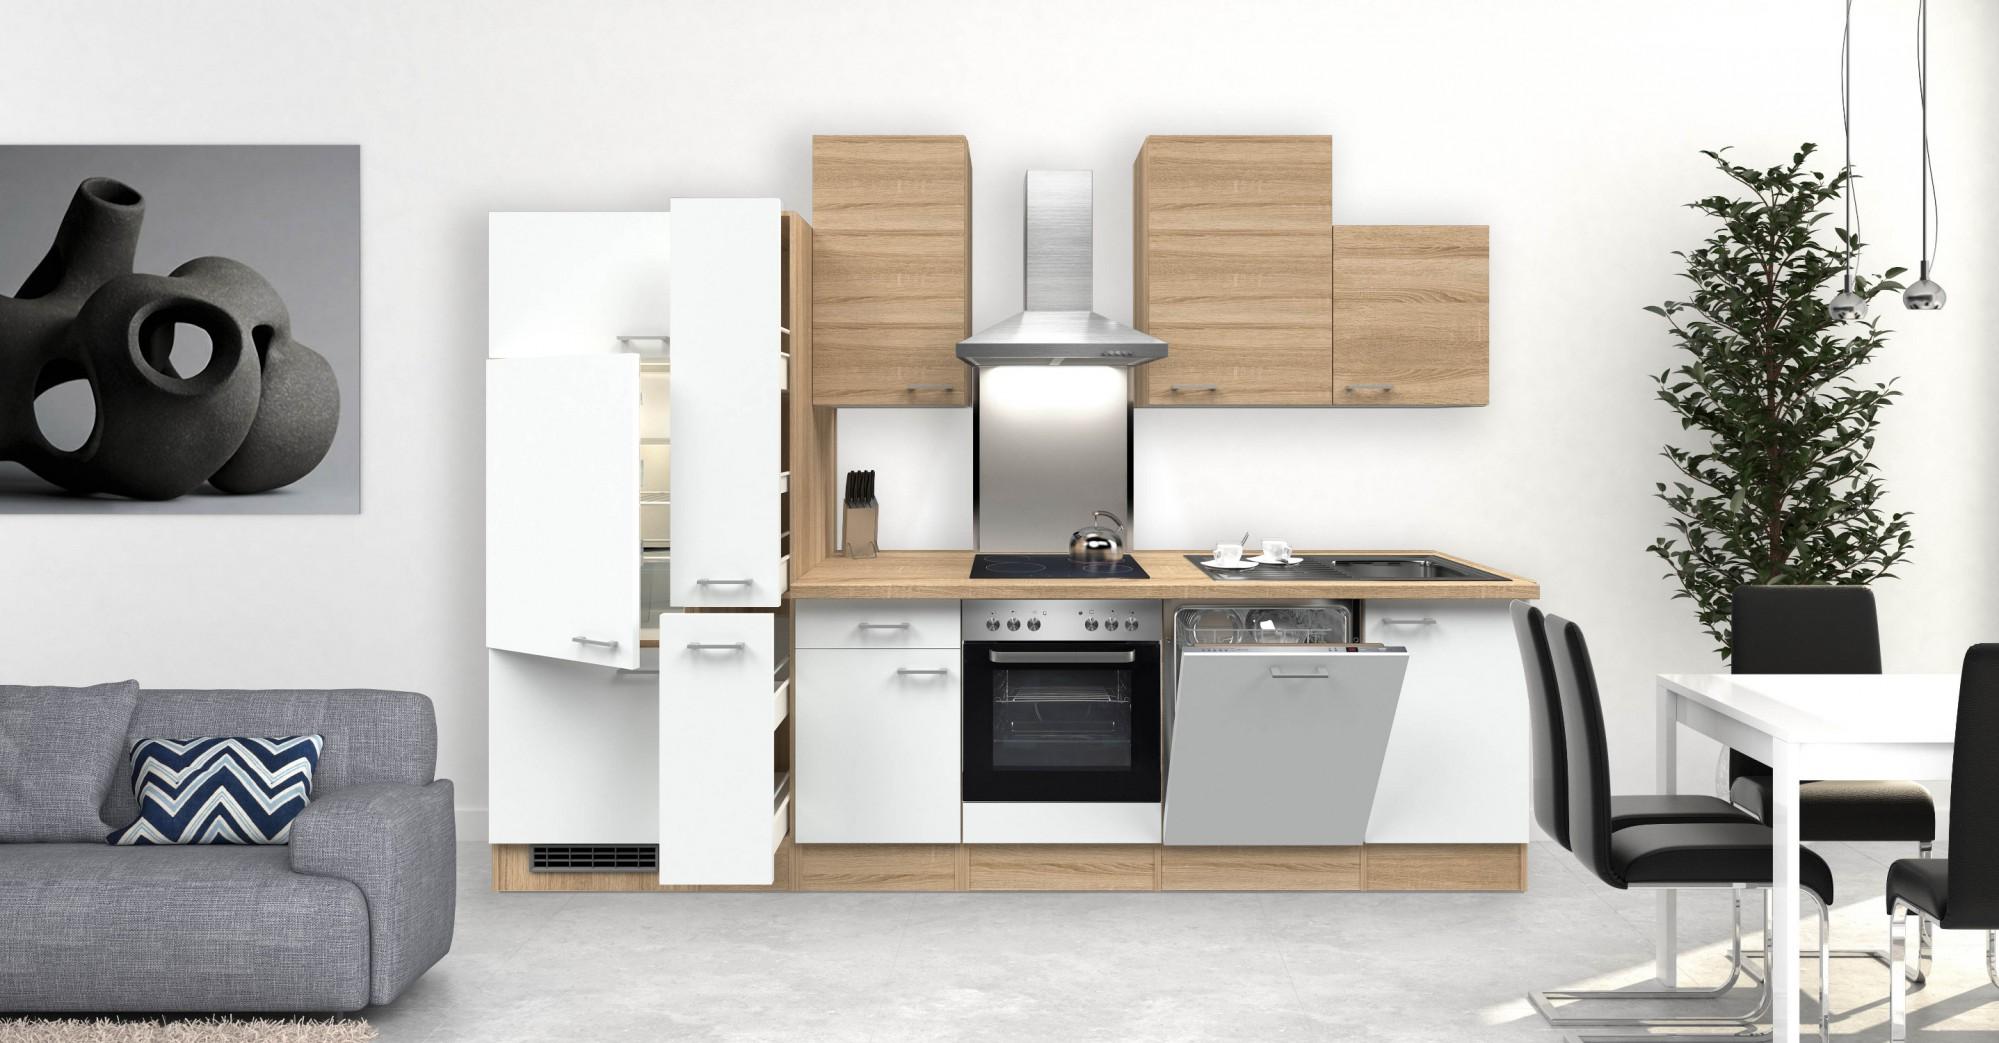 neu! küchen-apothekerschrank rom küchenschrank hochschrank weiss ... - Küche Wertverlust Berechnen